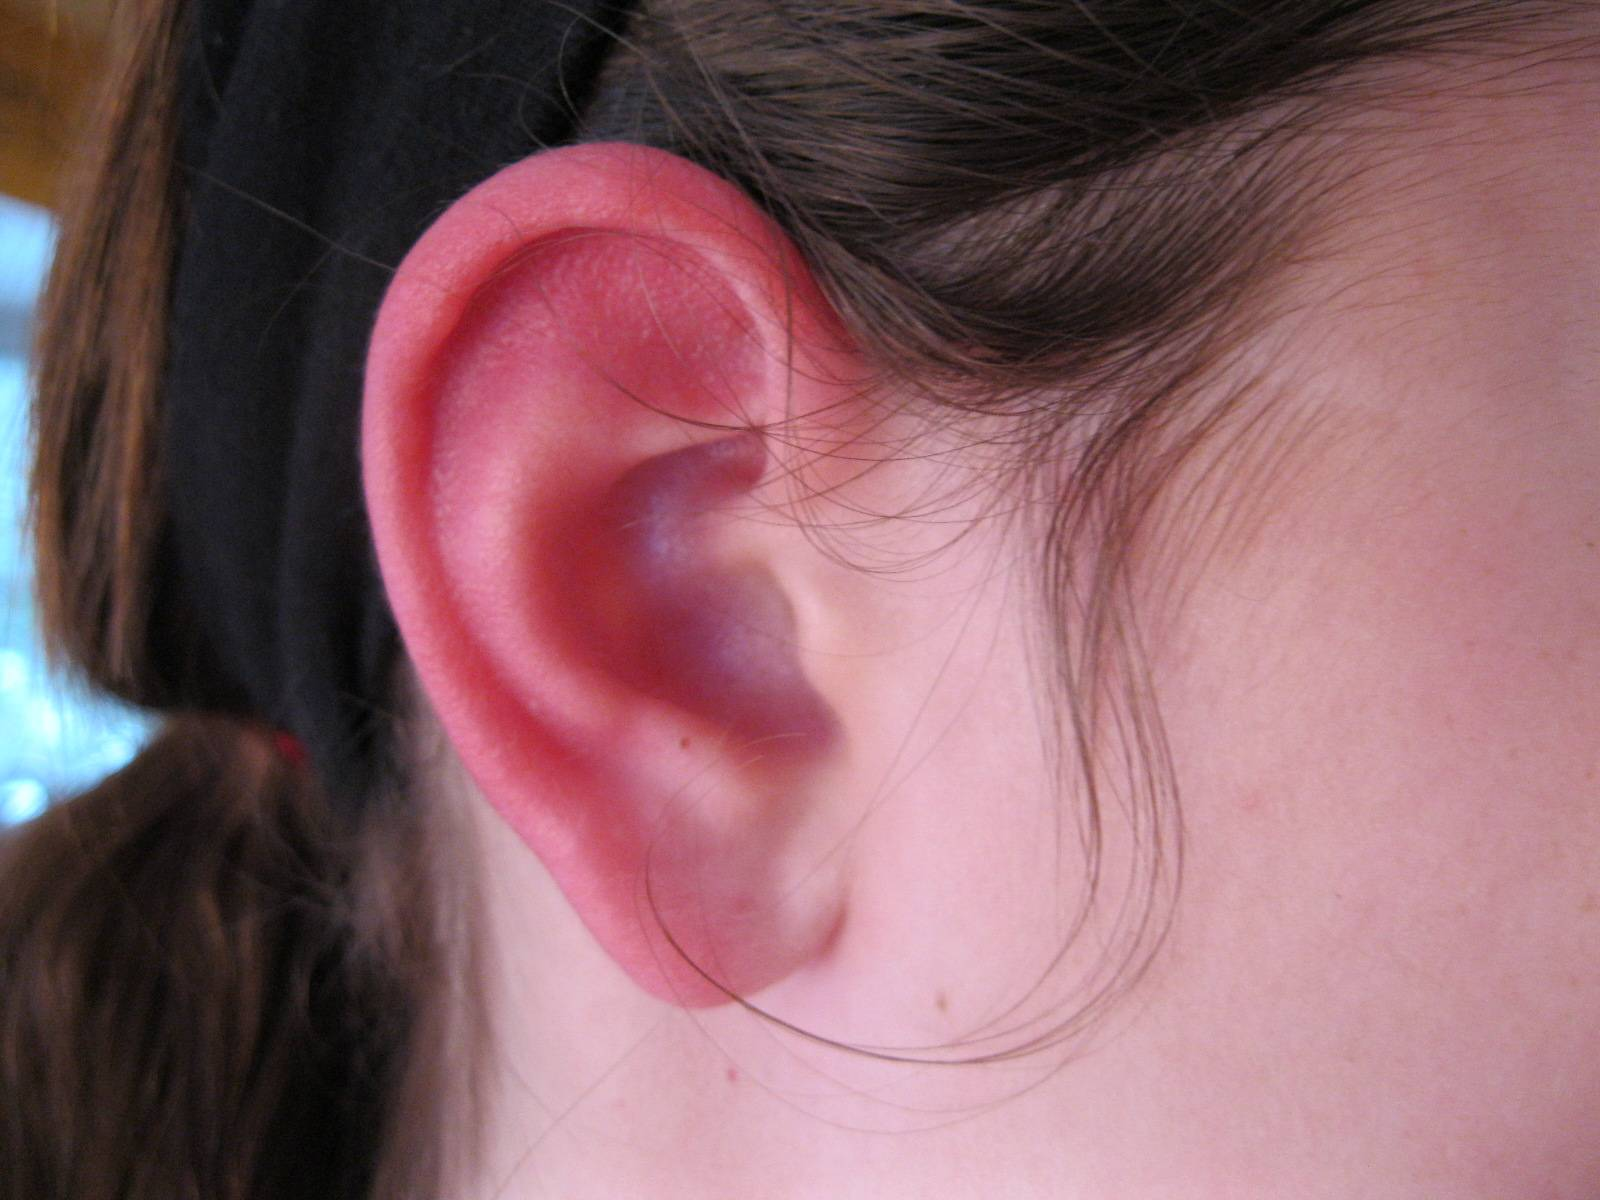 Гноится ухо после прокалывания